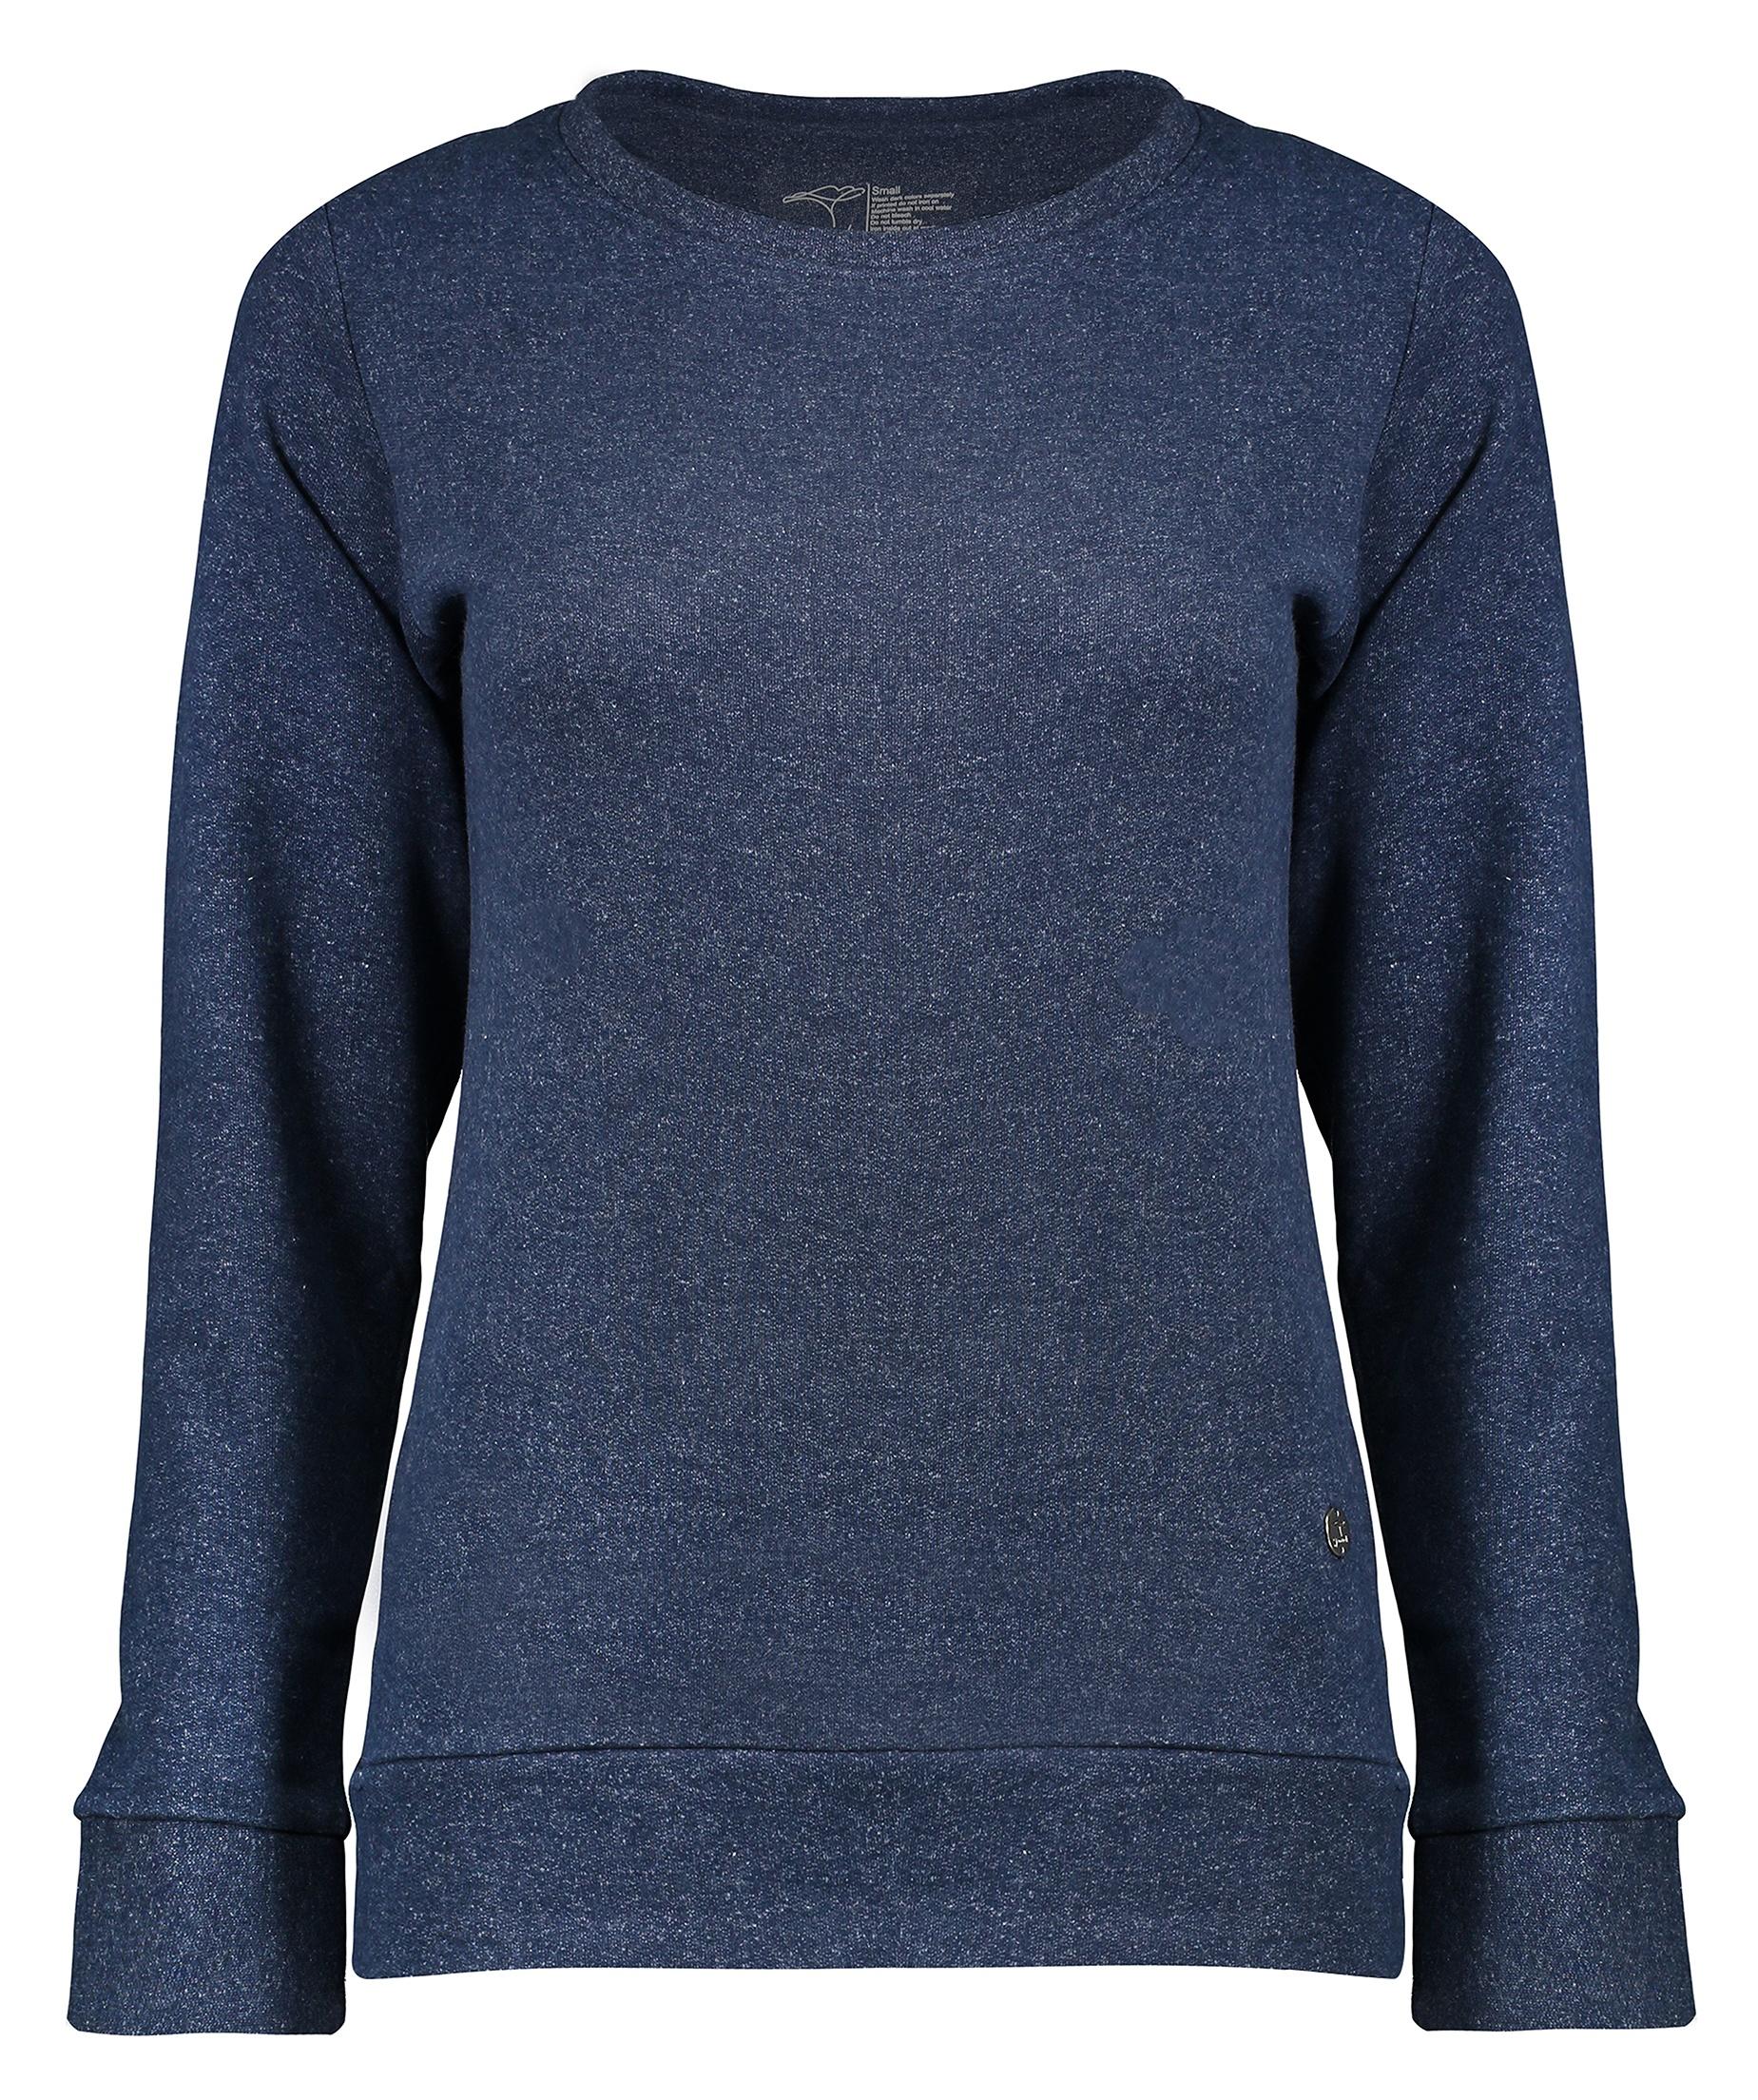 تی شرت زنانه گارودی مدل 1003108017-57